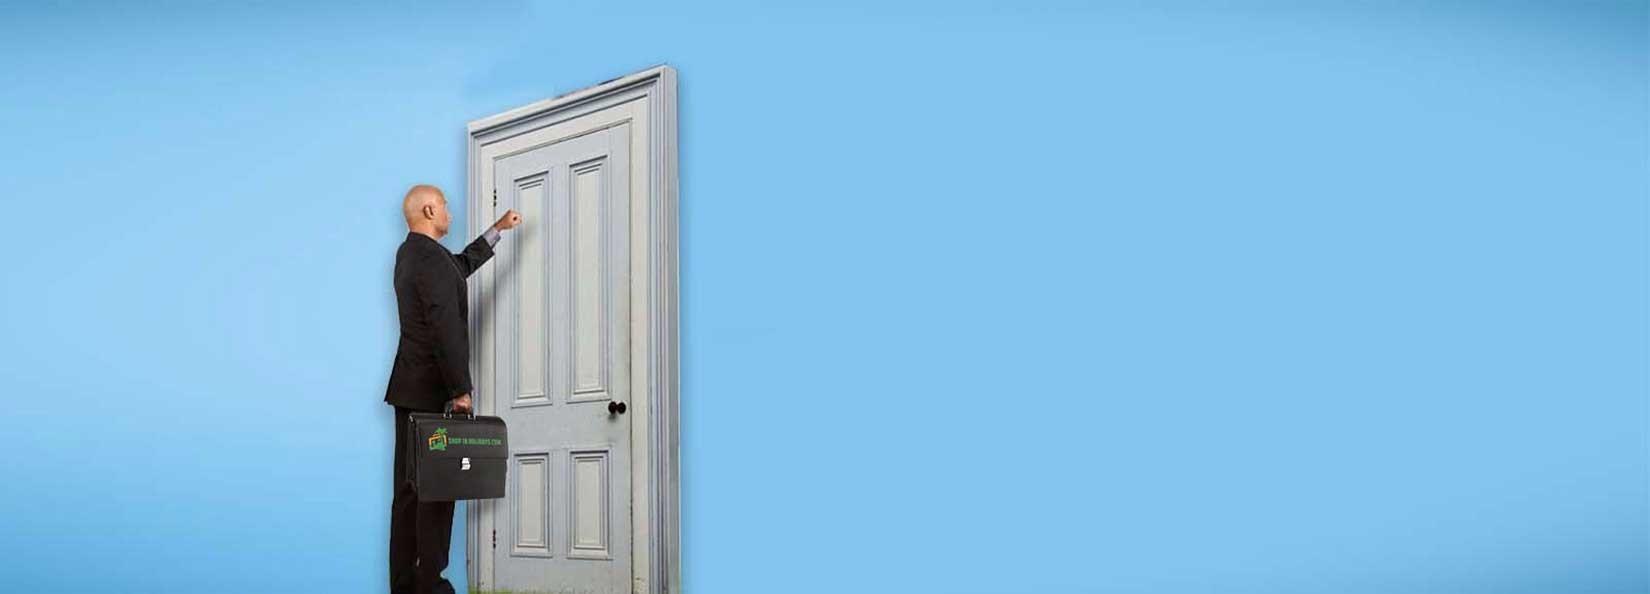 shopinholidays-door-to-door-consultant